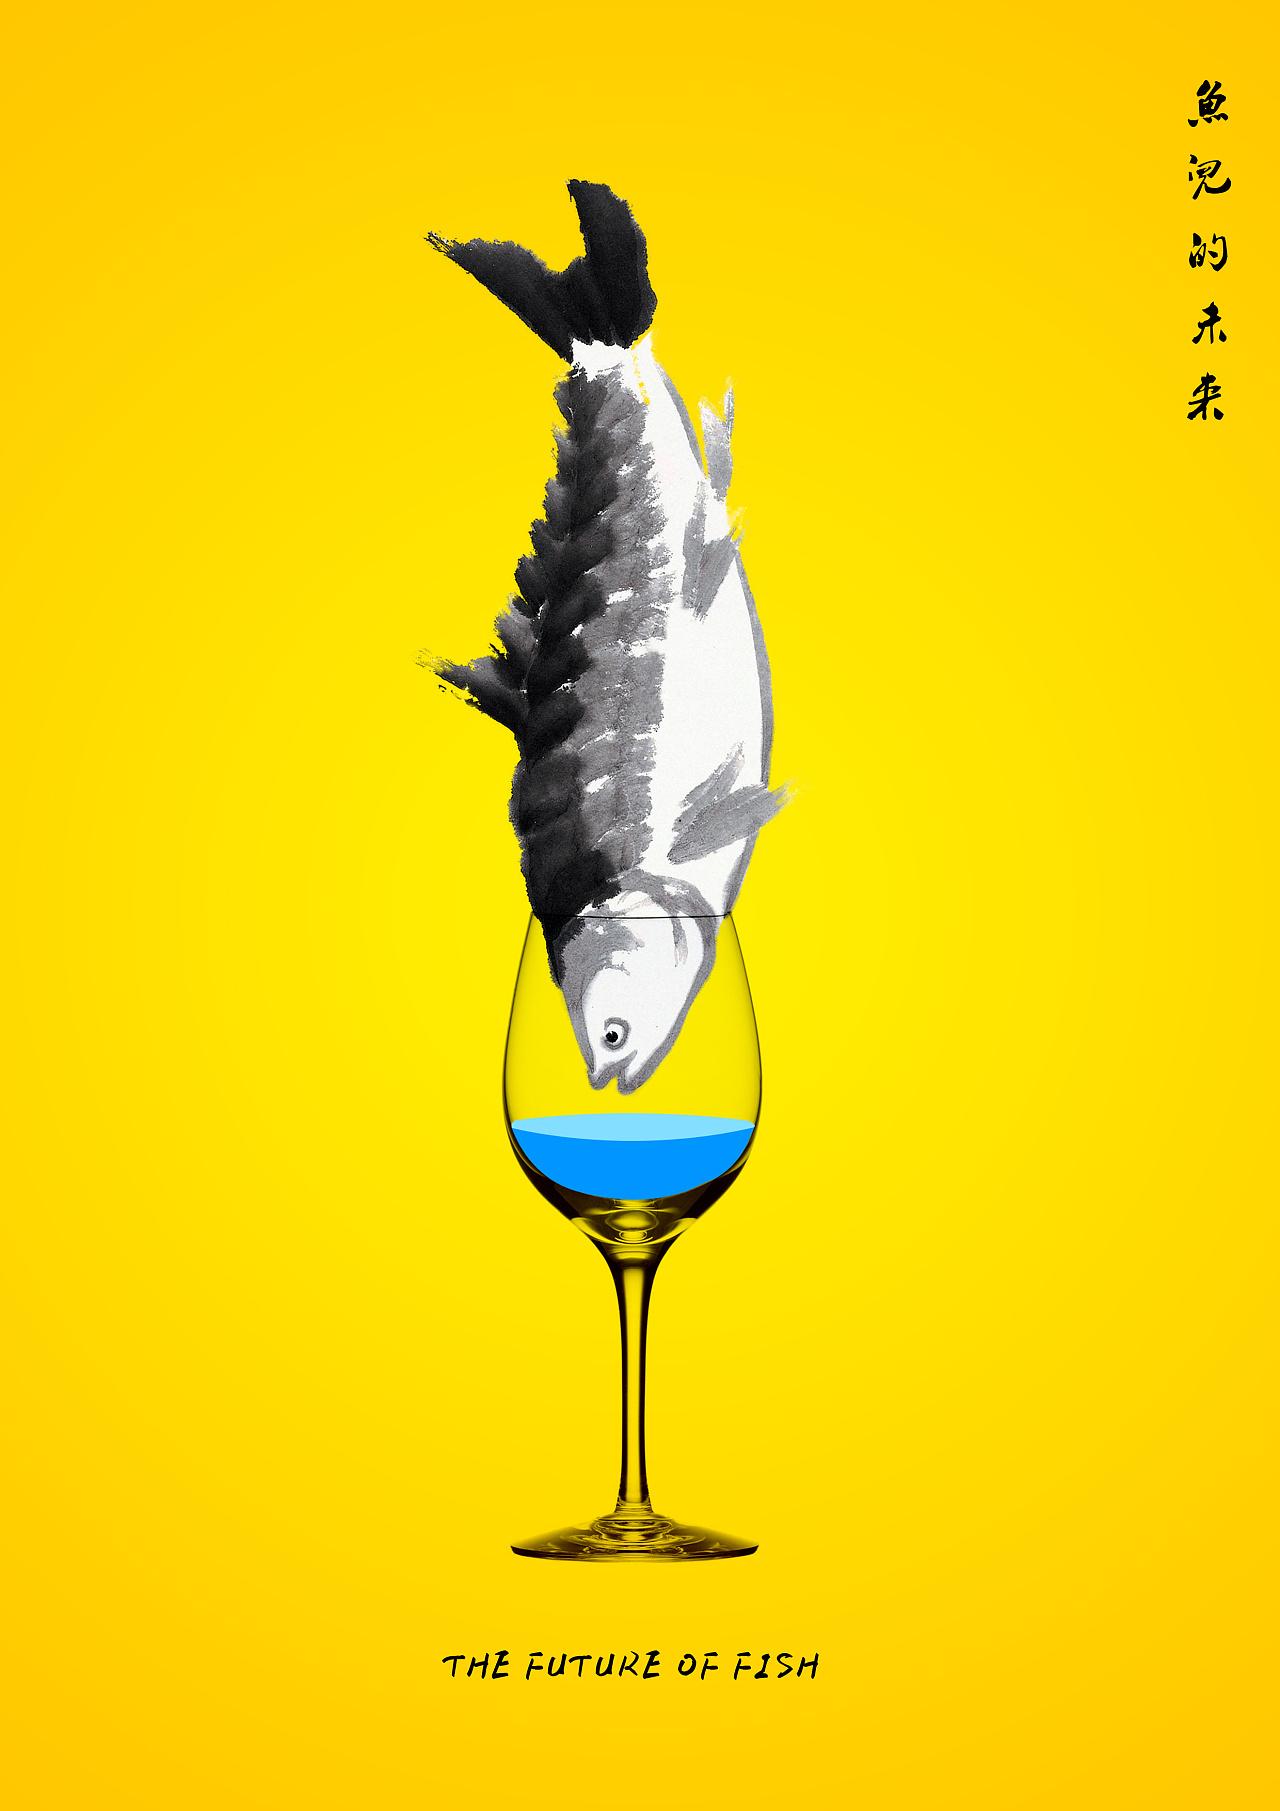 鱼儿的未来 水资源招贴设计图片